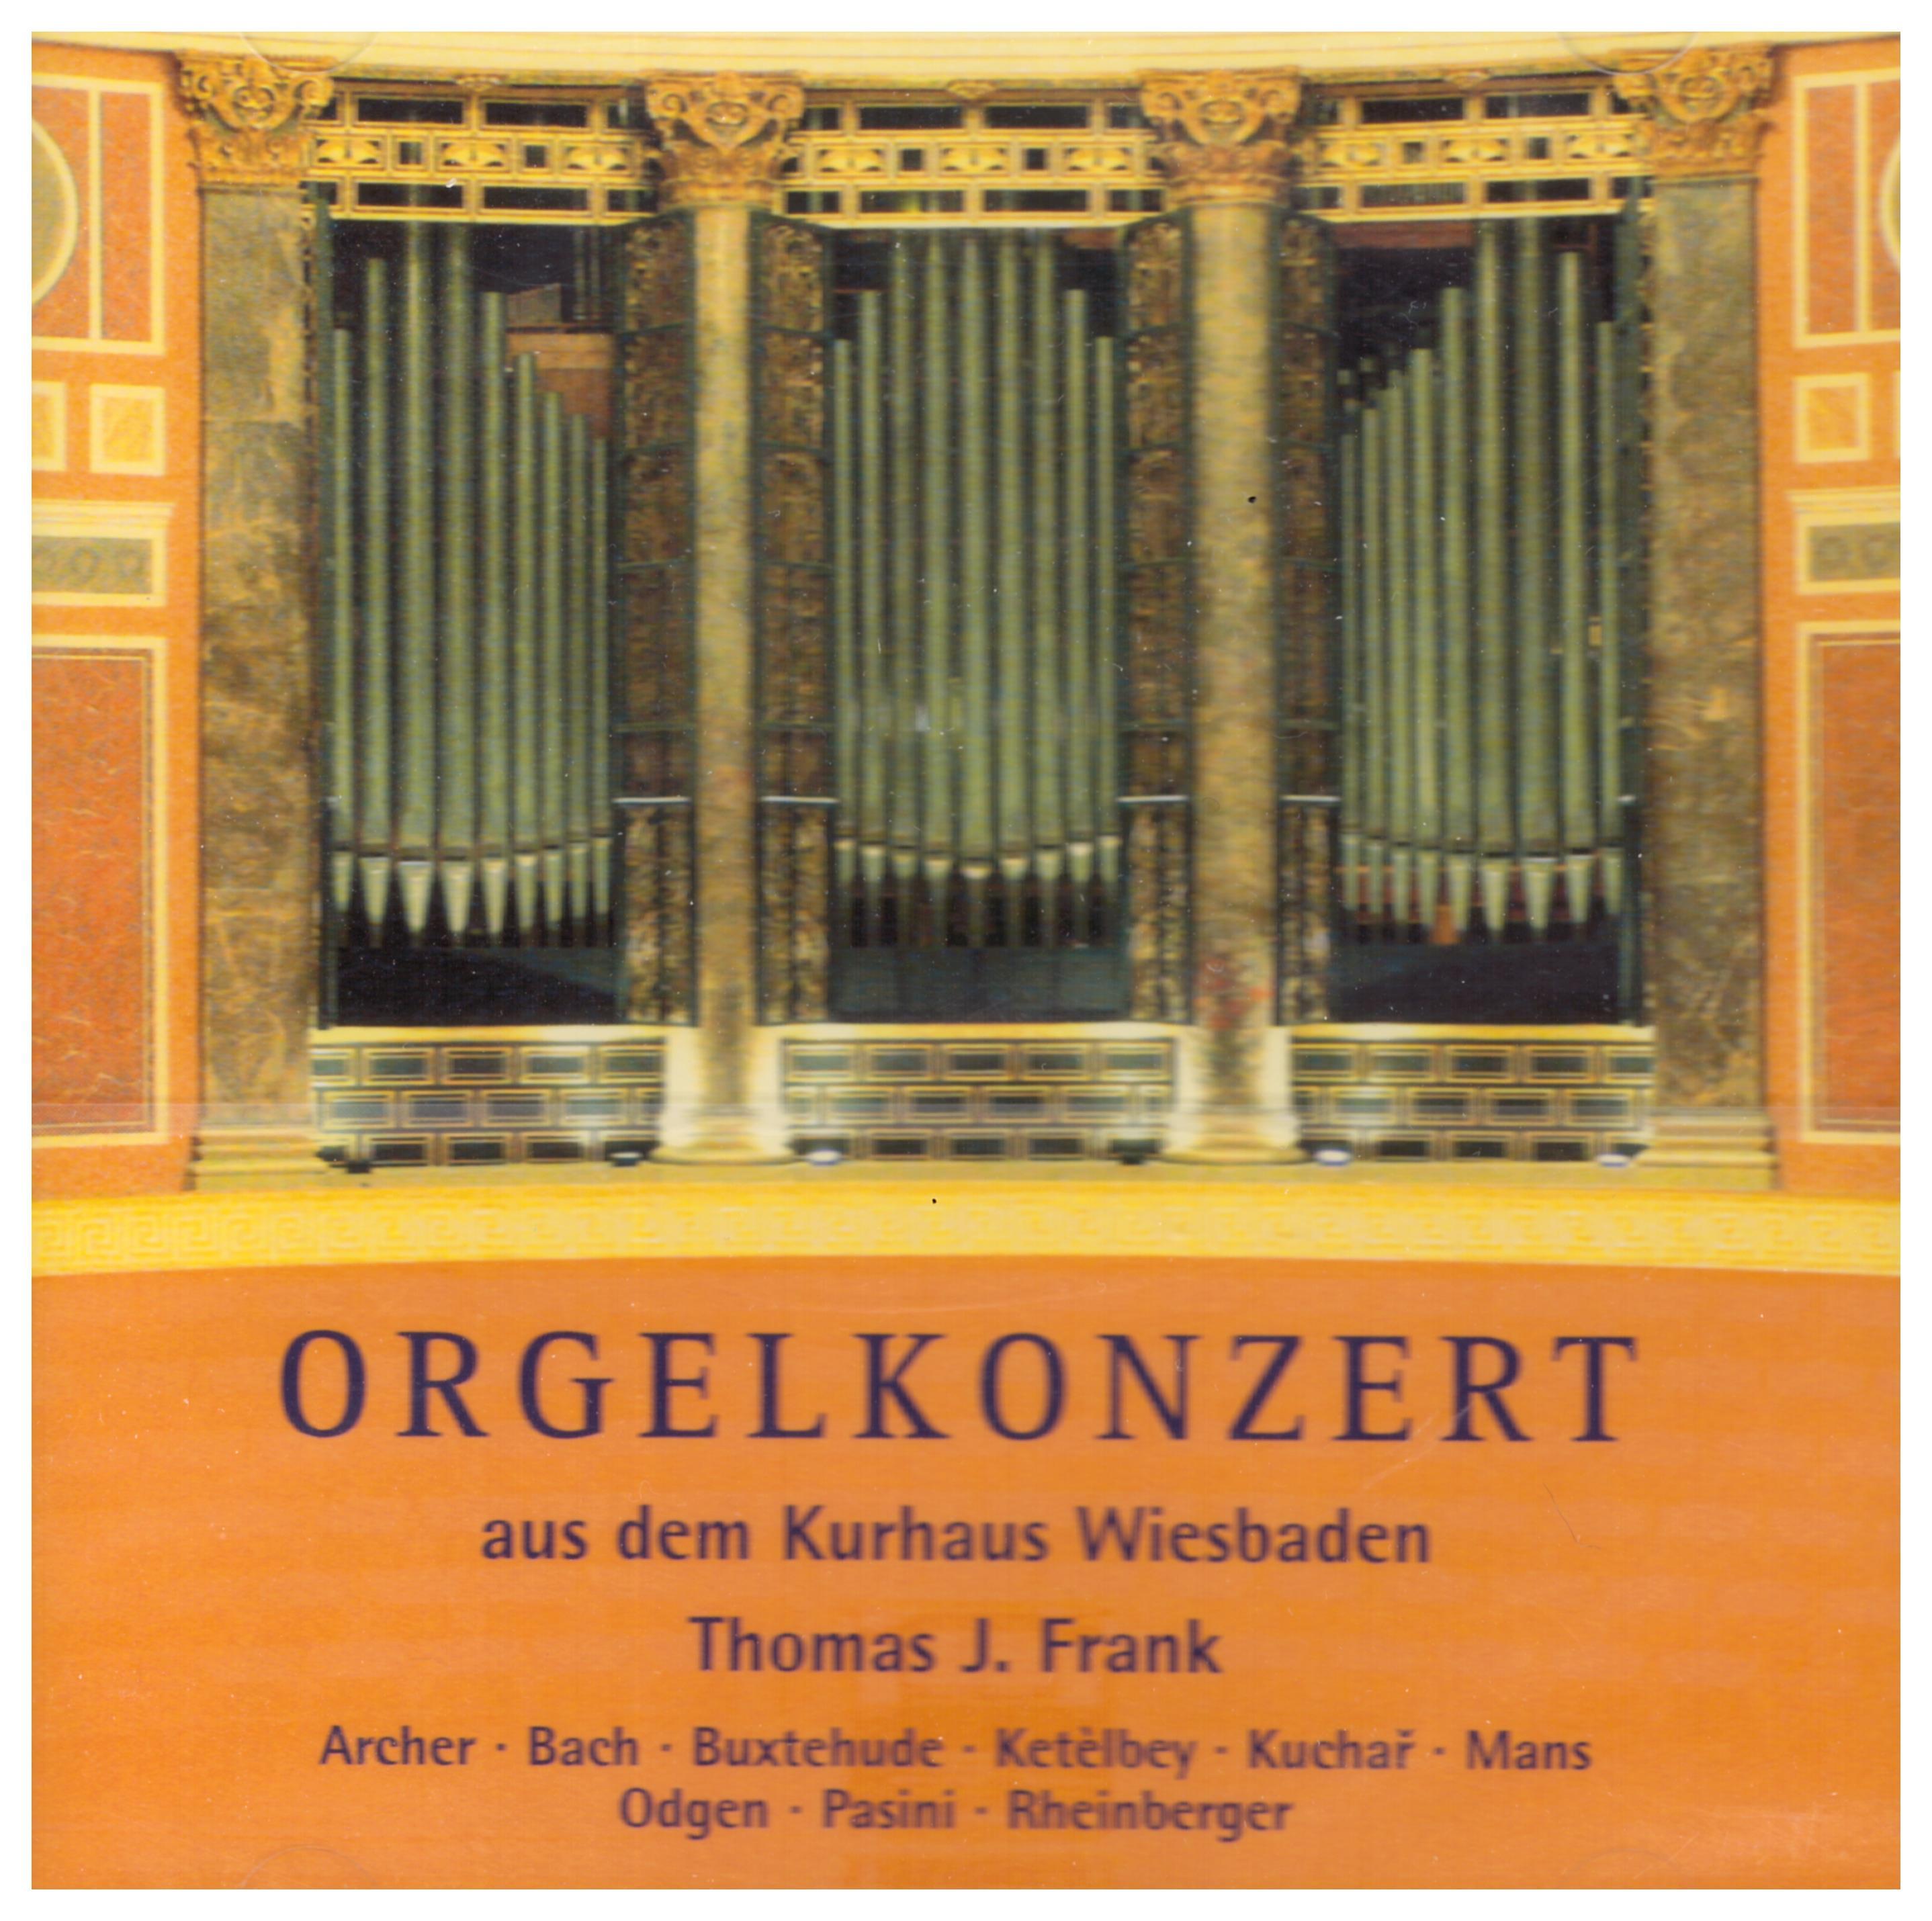 Orgelkonzert aus dem Kurhaus Wiesbaden